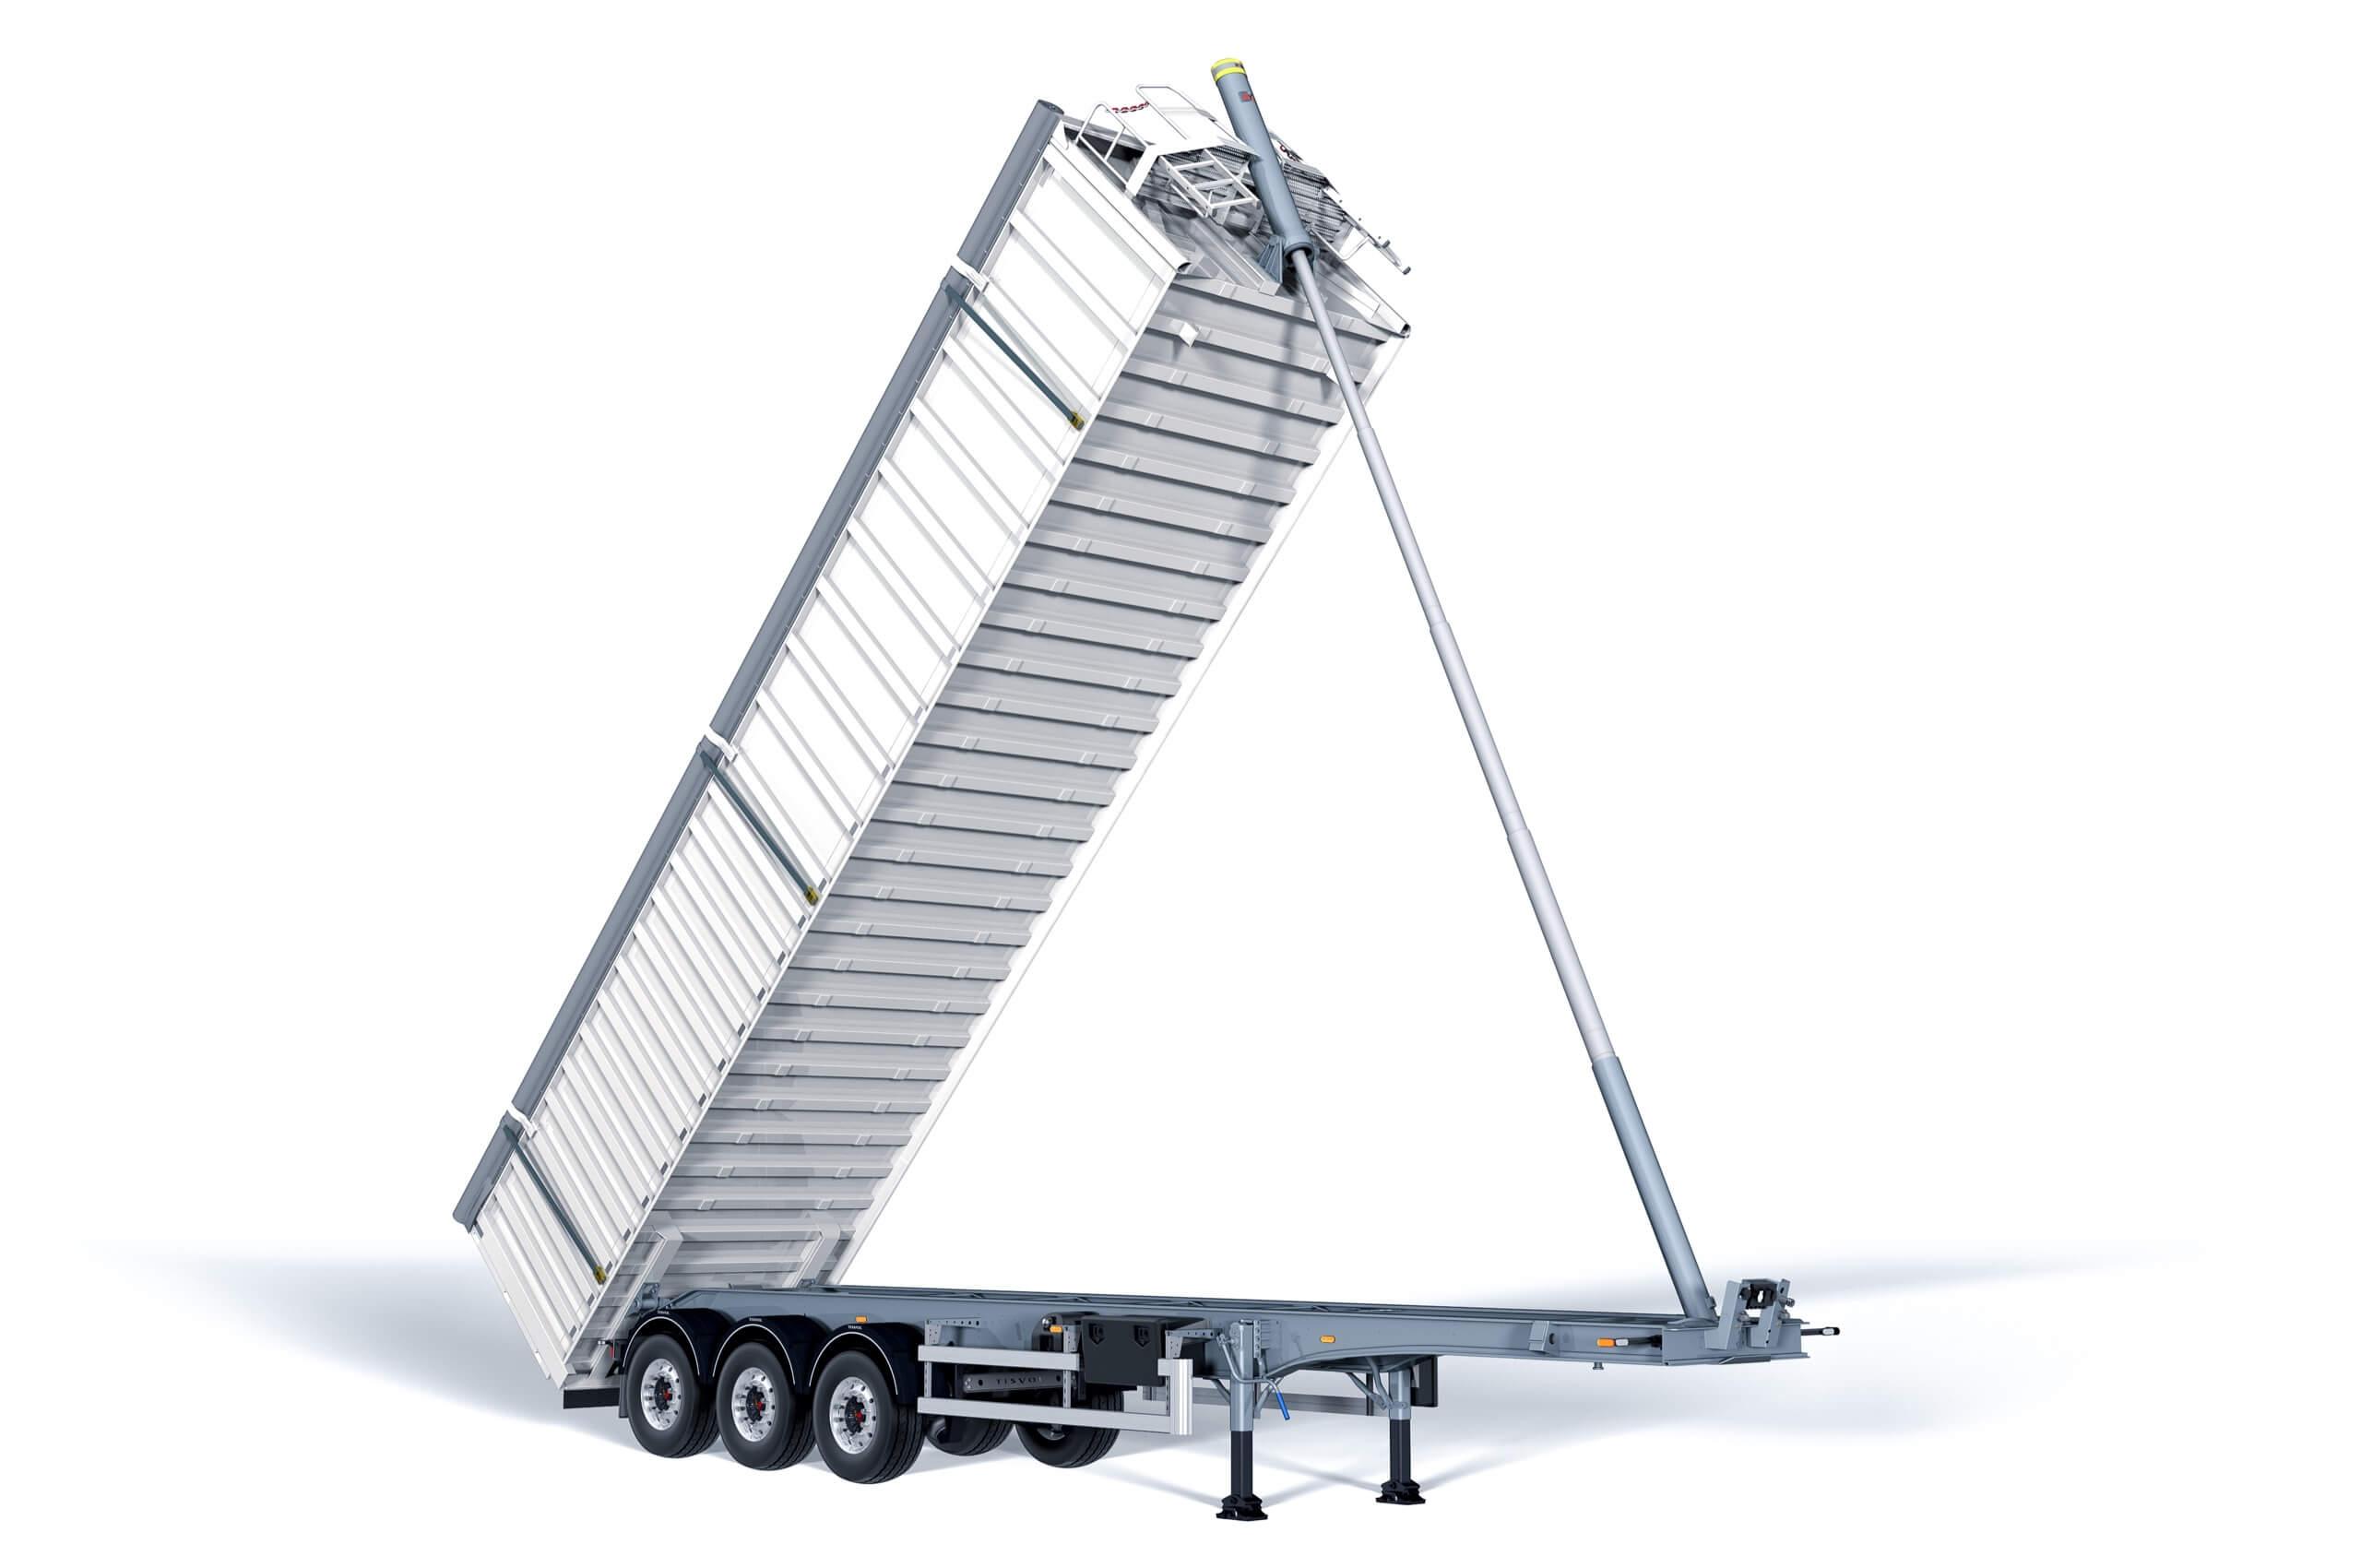 El semirremolque basculante Metal es nuestro vehículo especialista en chatarra fragmentada